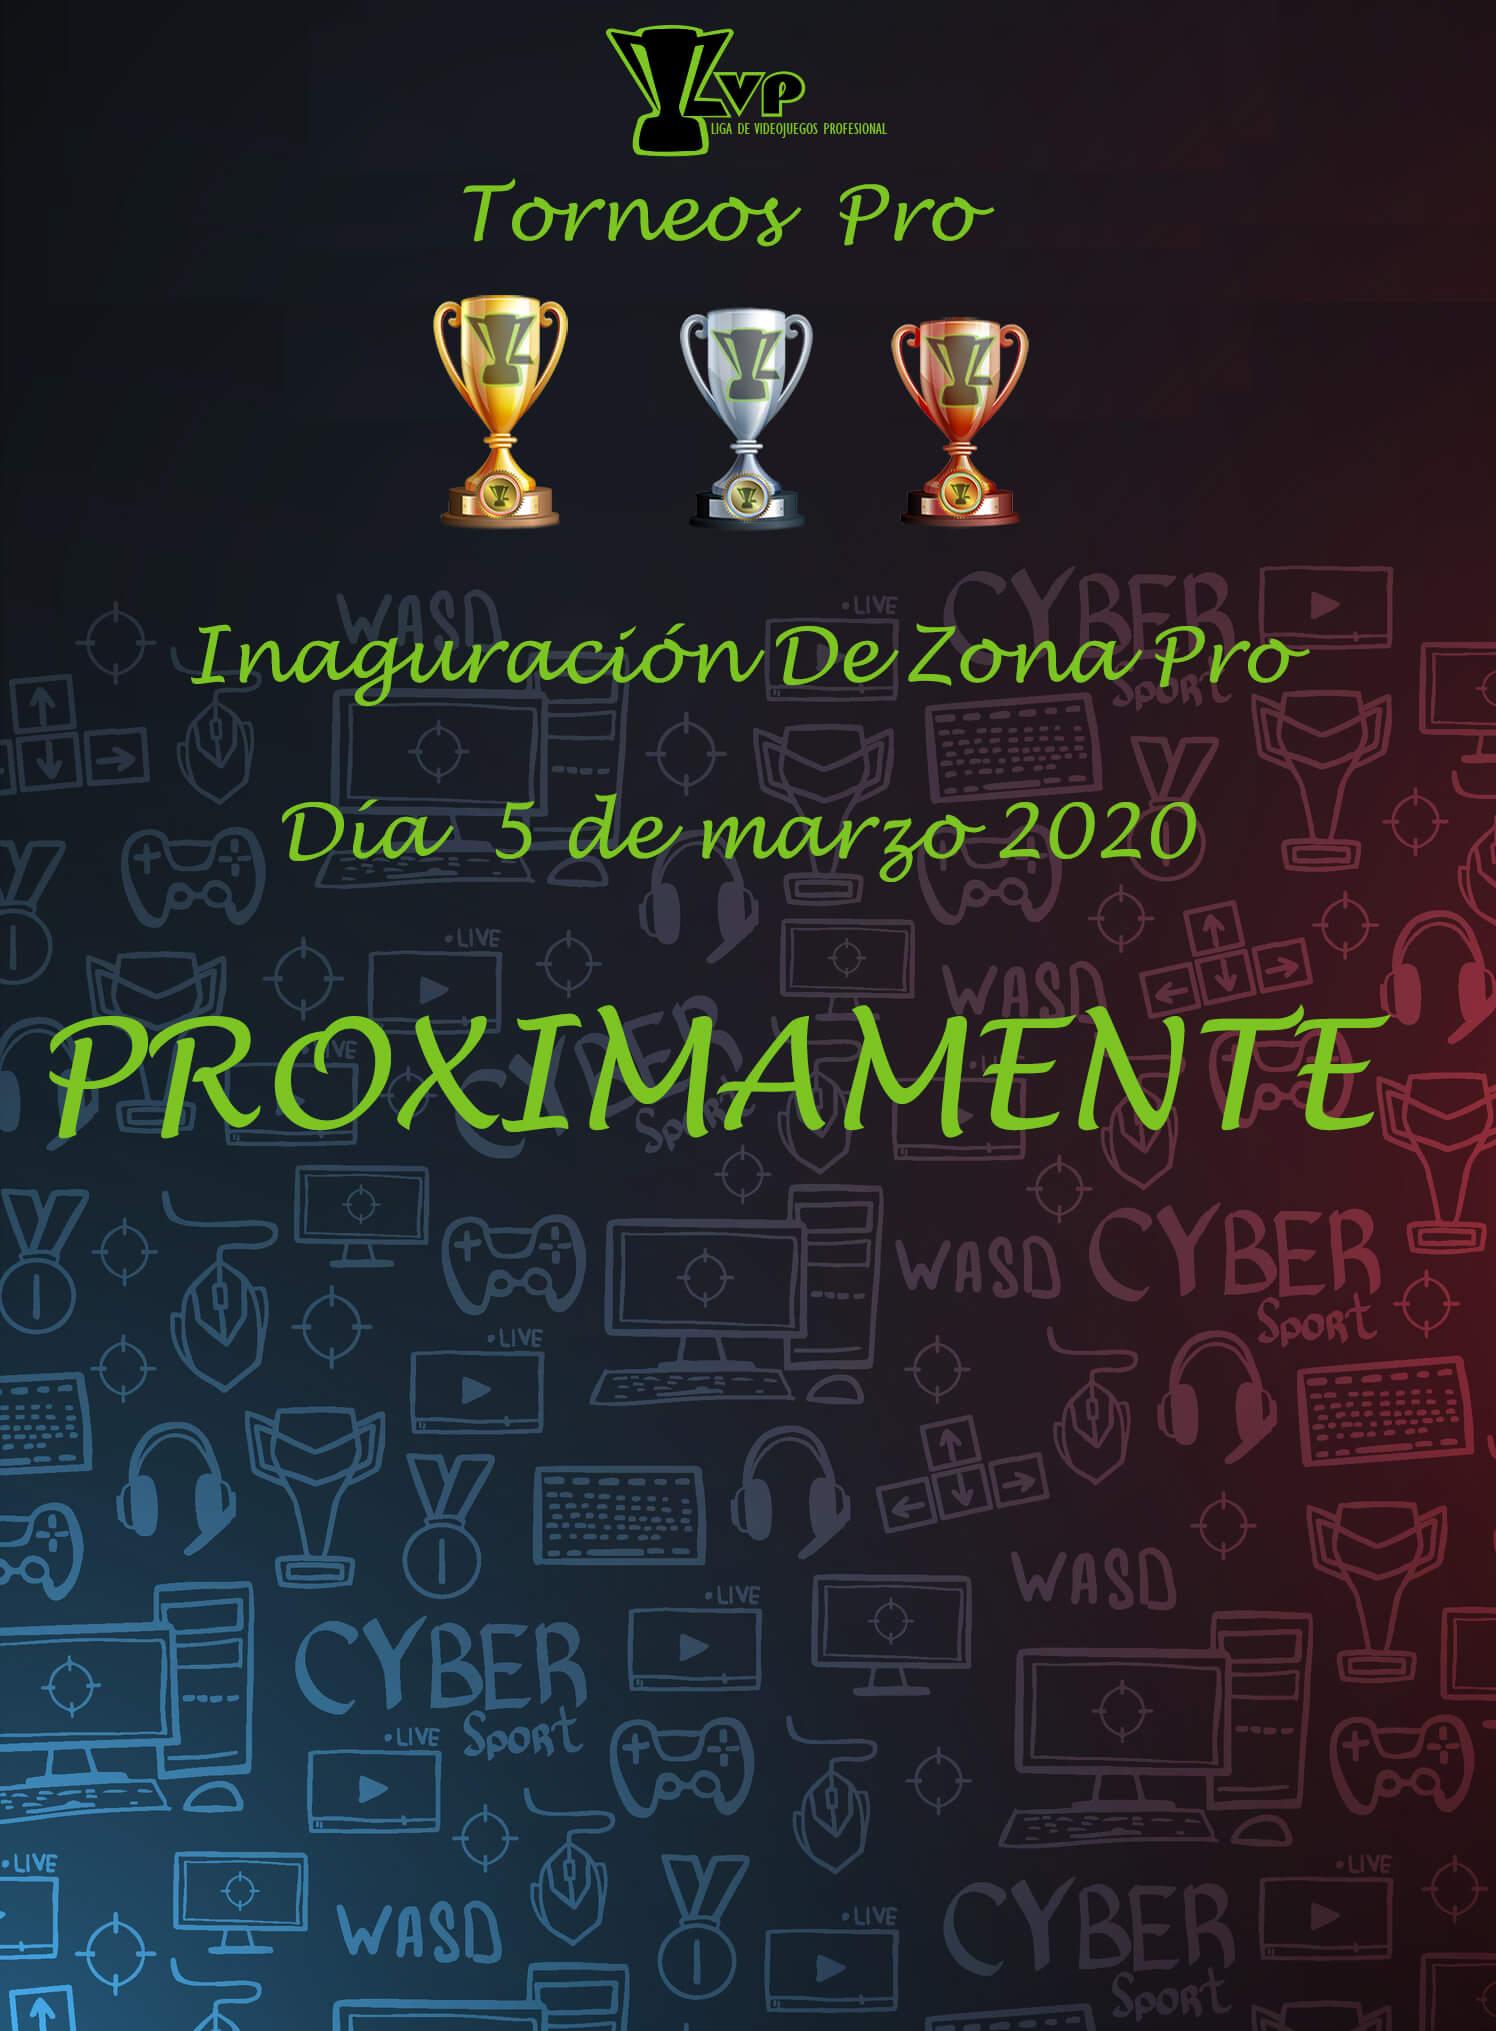 imagen zona torneos pro